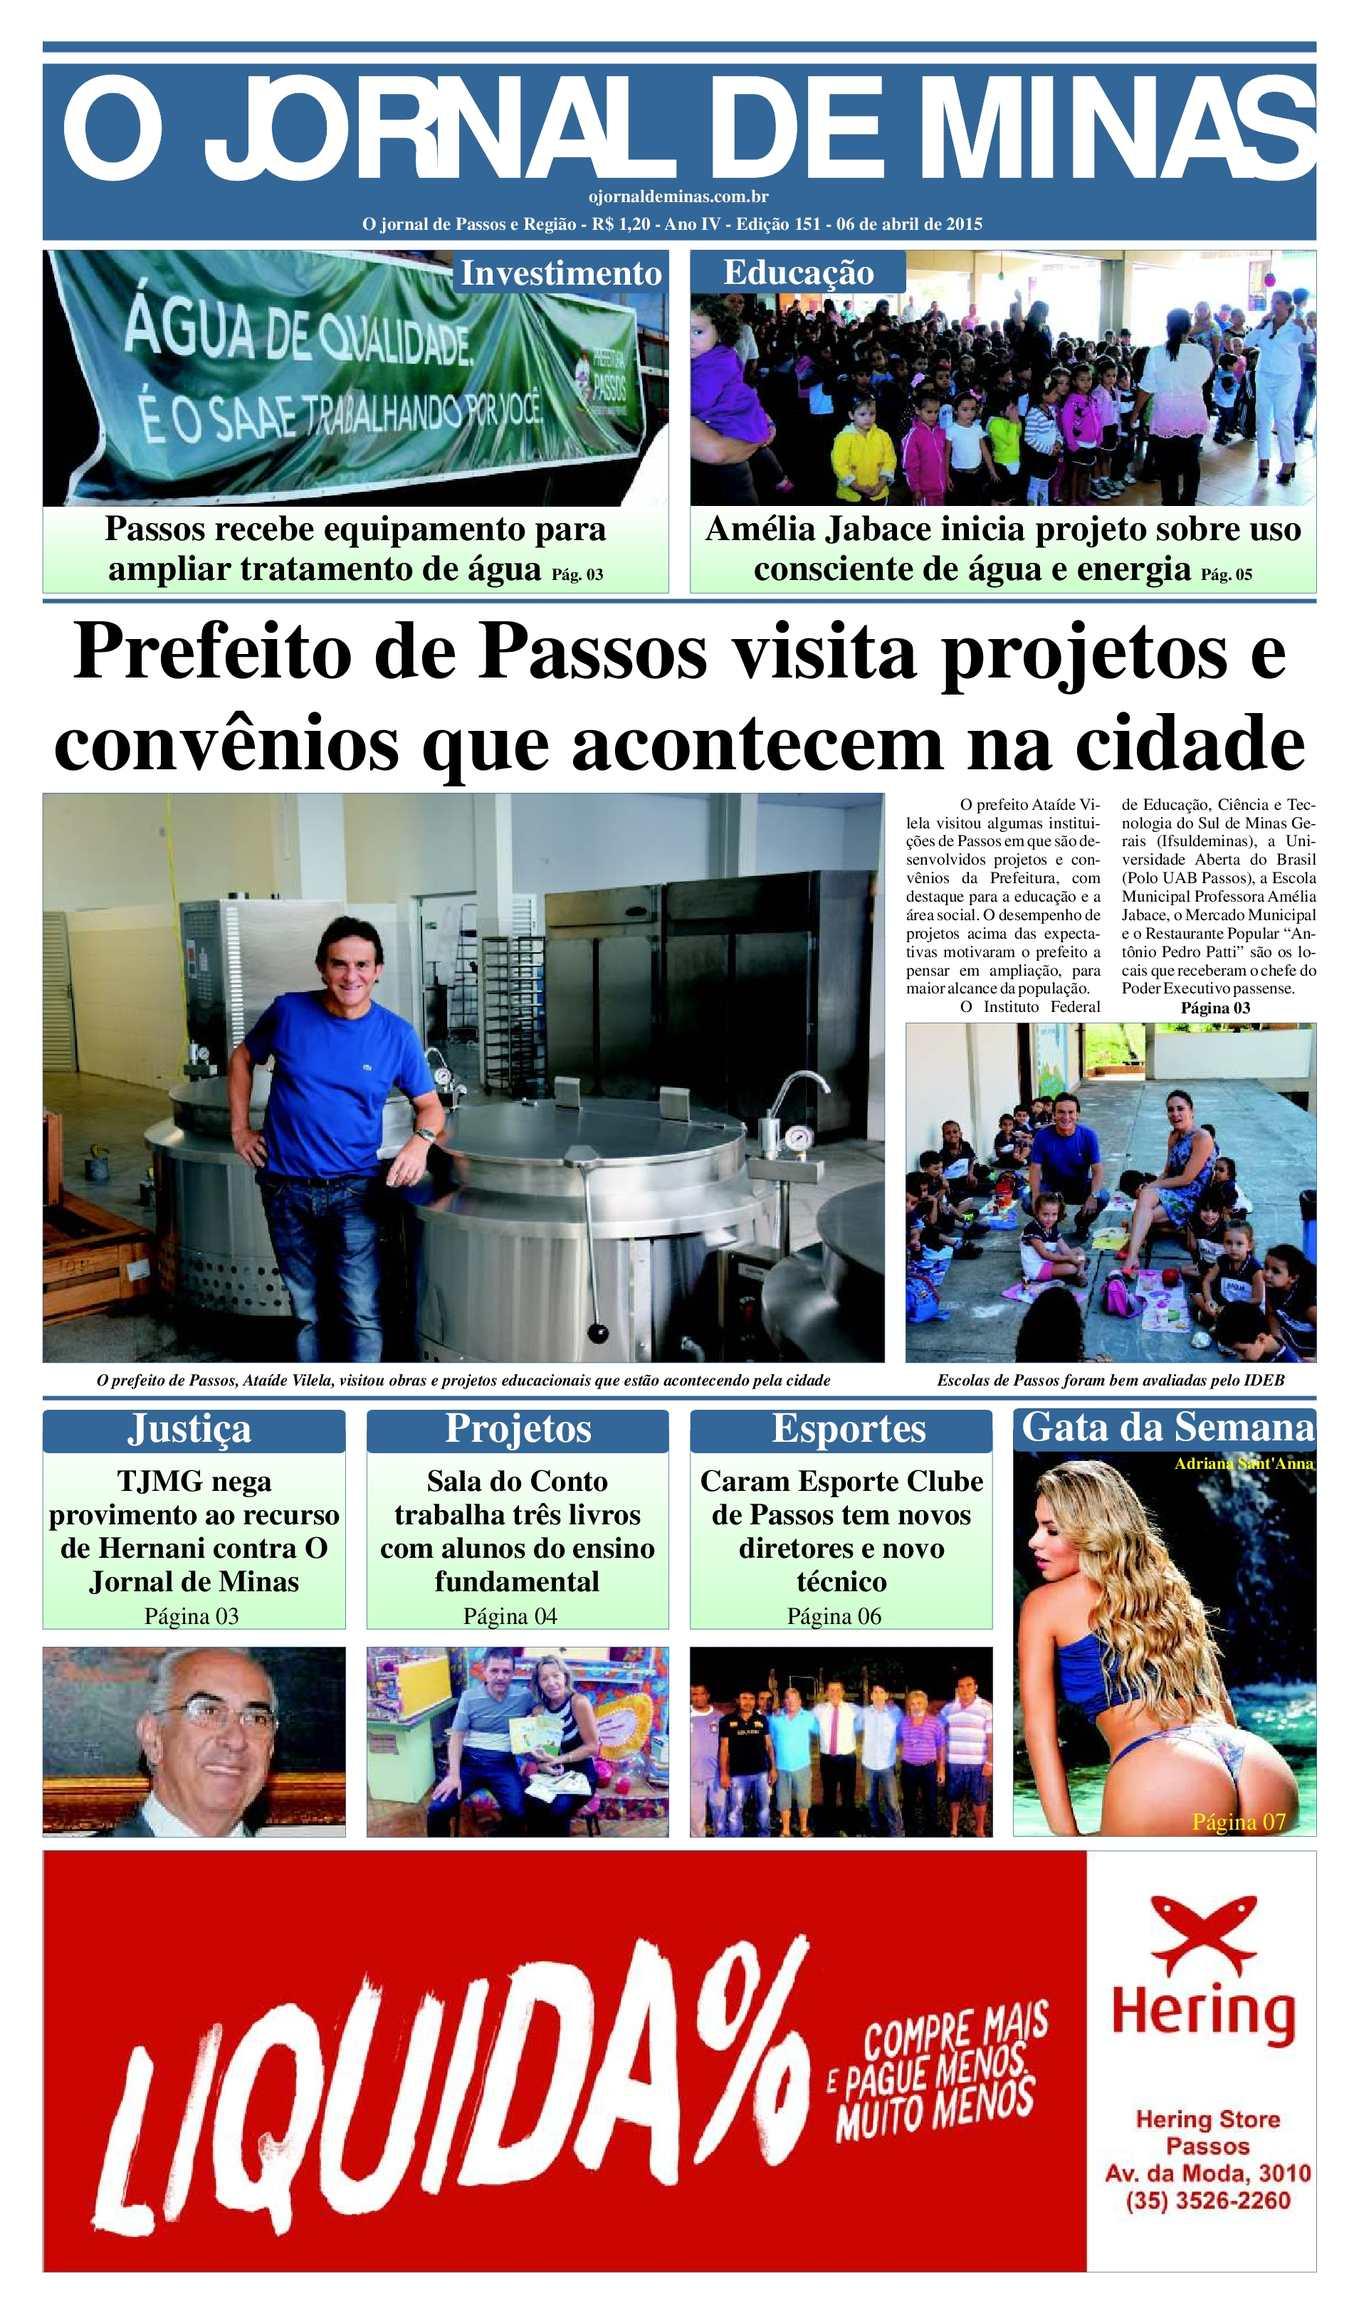 bfc6e7eb1c Calaméo - O Jornal De Minas Edição 151 De 06 De Abril De 2015